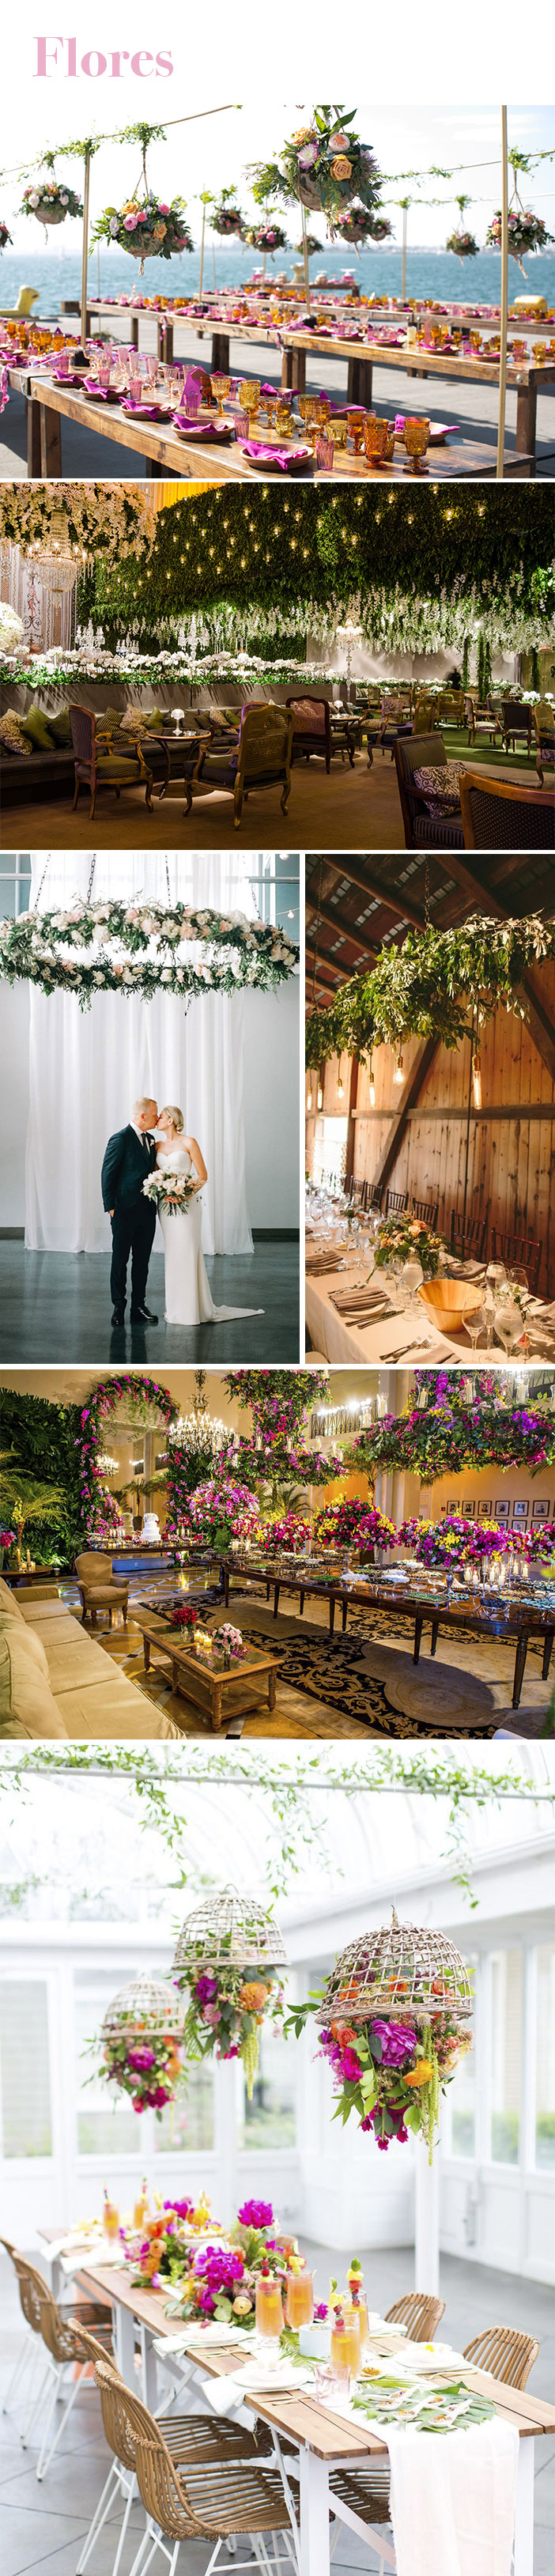 Tendência: Arranjos suspensos para casamento - Flores